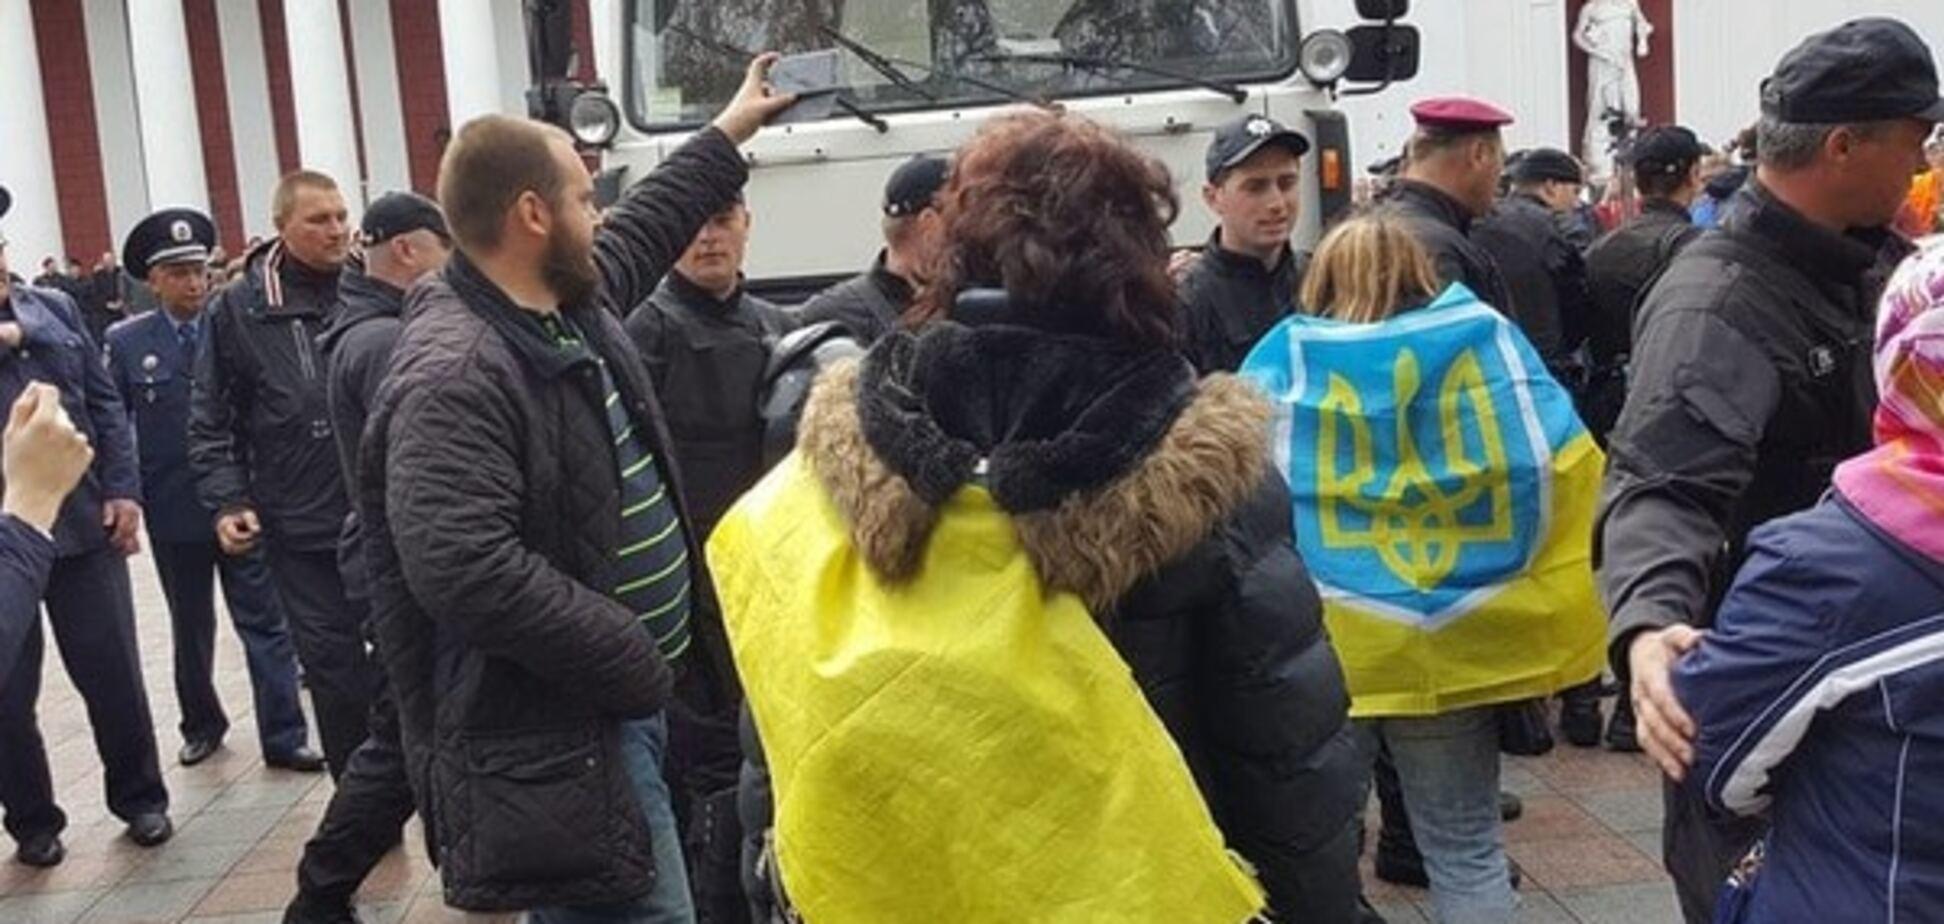 Протести в Одесі: поки активісти блокували мерію, Труханов покинув країну